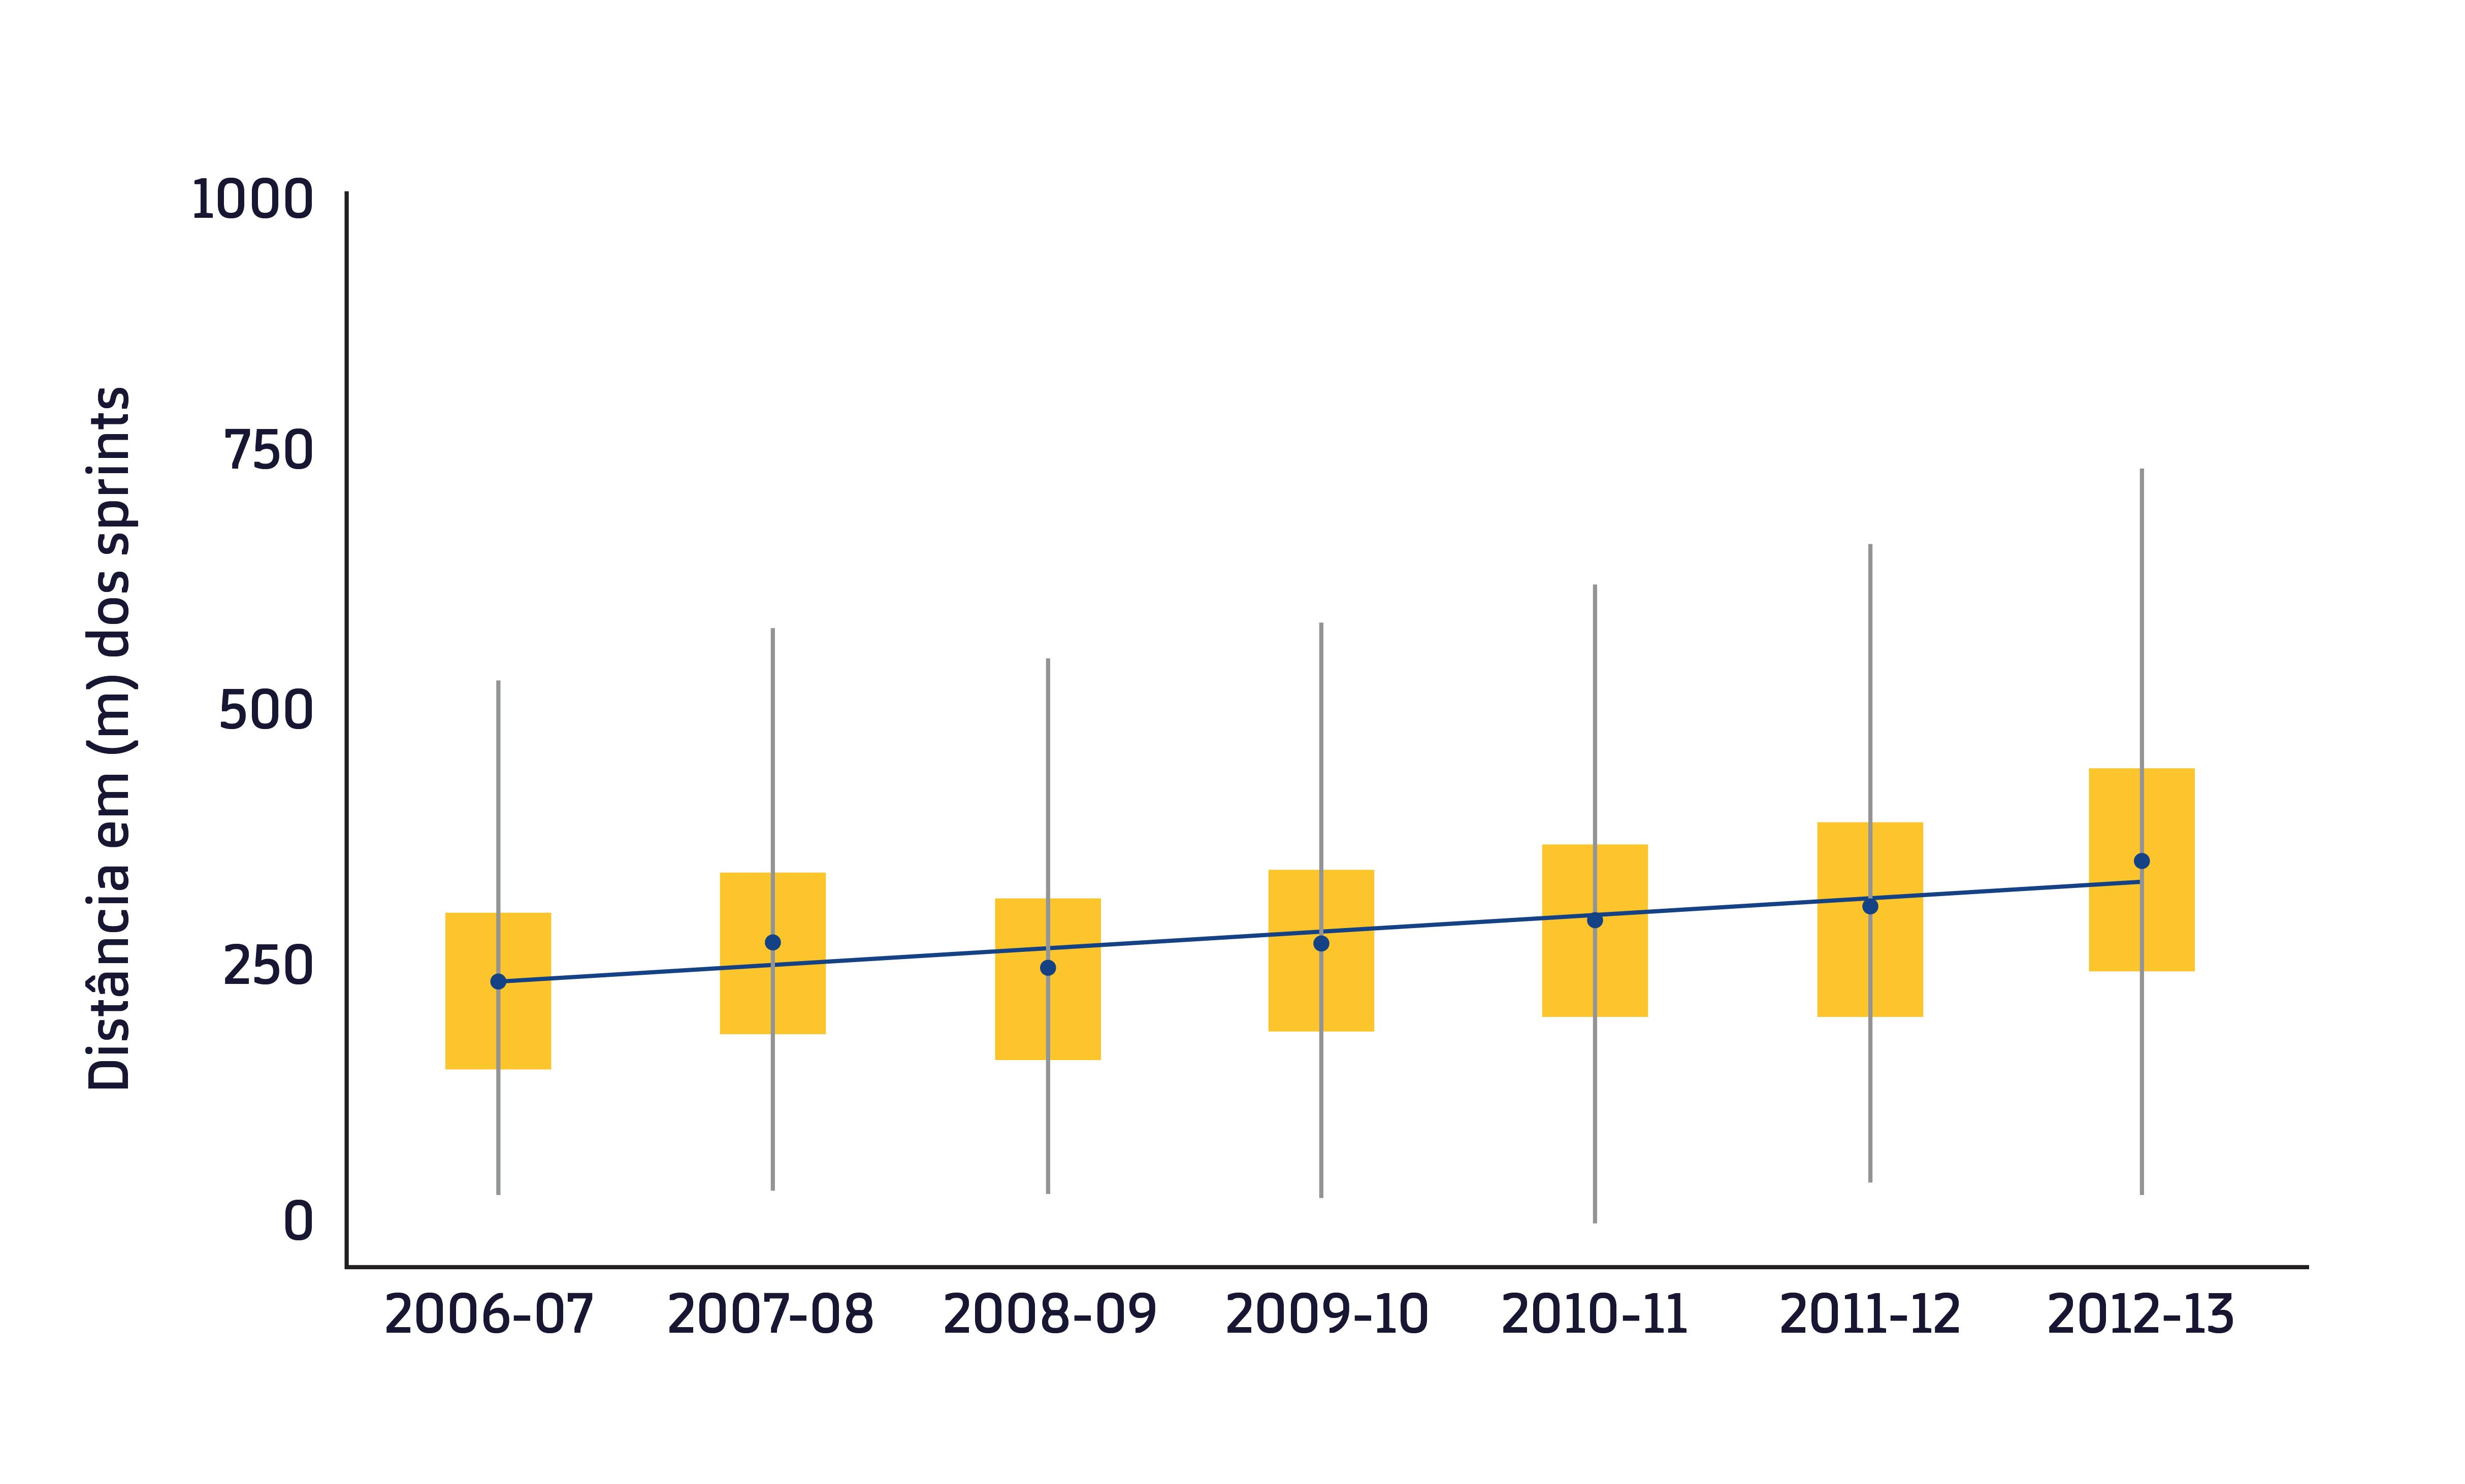 Figura 1. Distância percorrida nos sprints durante 7 temporadas da Premier League. Adaptado de Barnes et al. (1). Os destaques em amarelo representam o intervalo interquartil. Os círculos em azul são o valor médio por temporada e a linha em azul é a linha marca a tendência durante estas 7 temporadas.